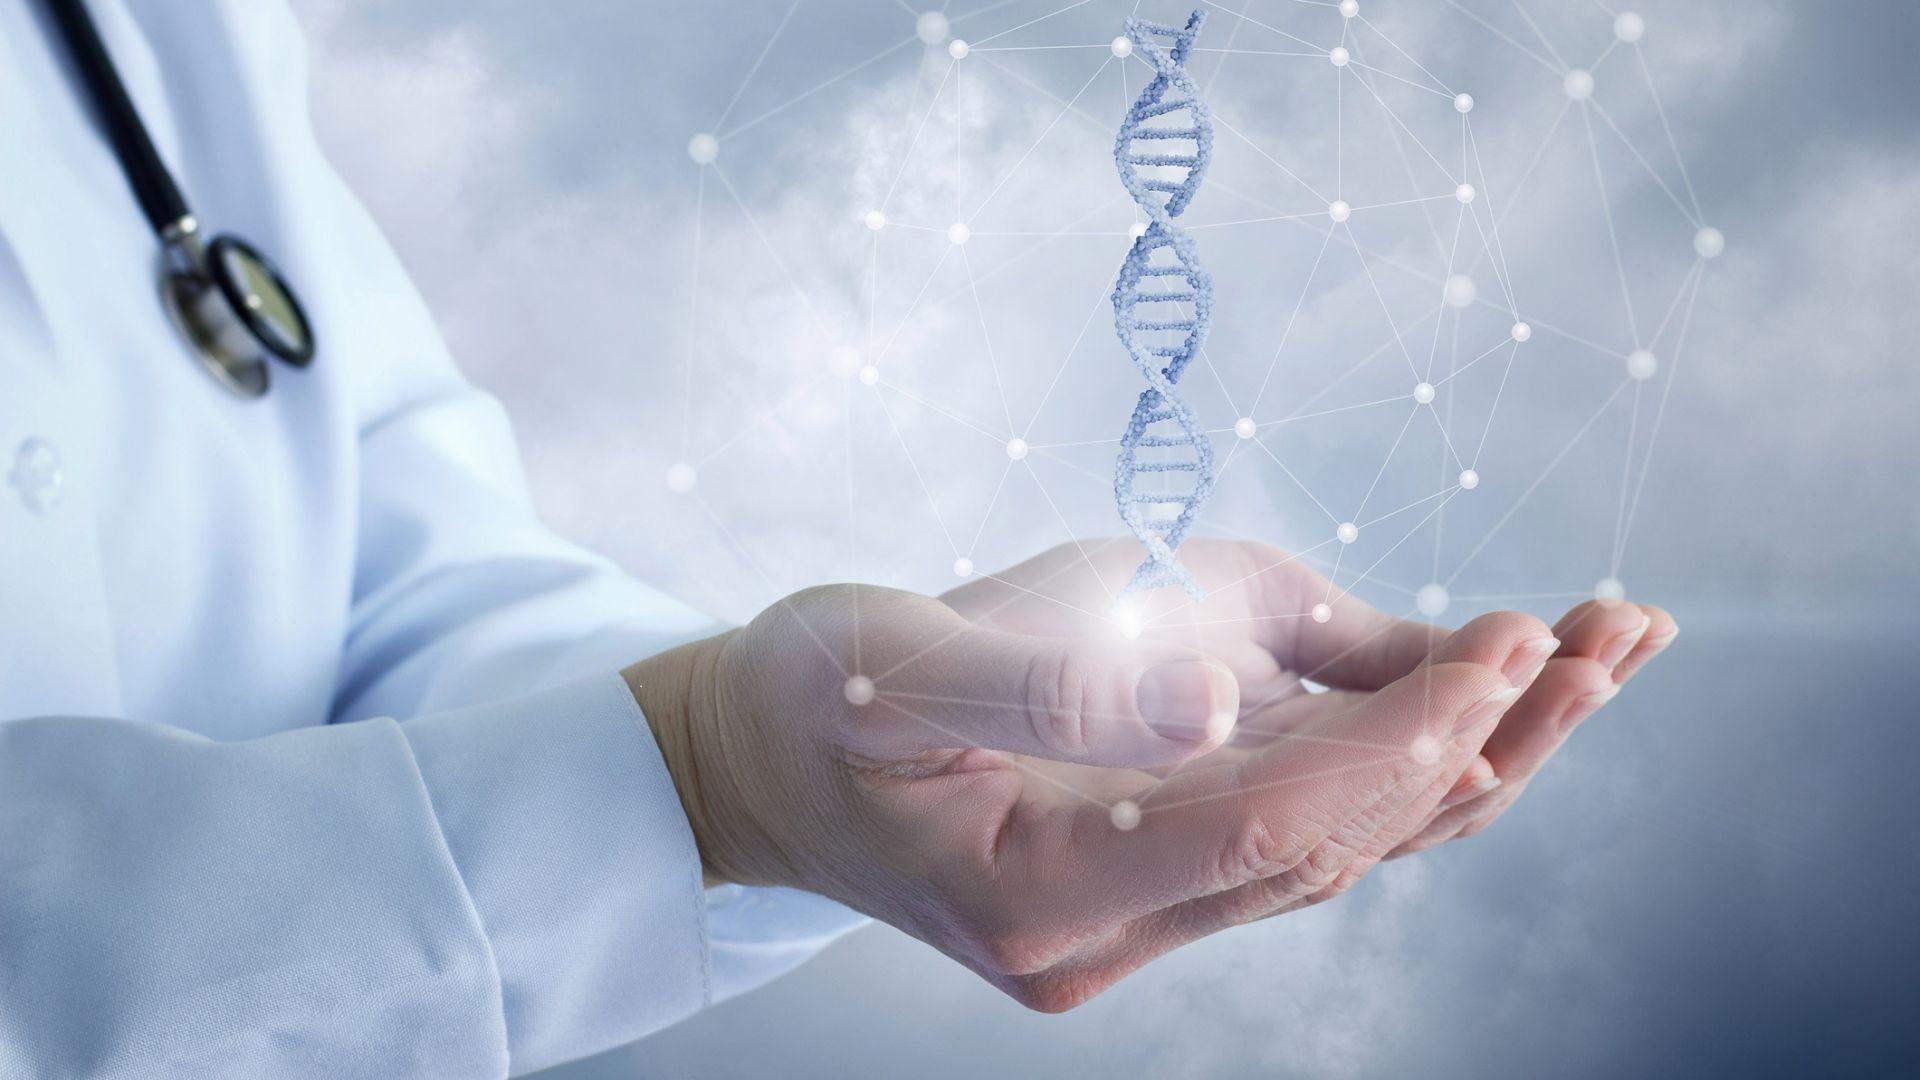 СЗО създава световен регистър на модификациите на човешкия геном